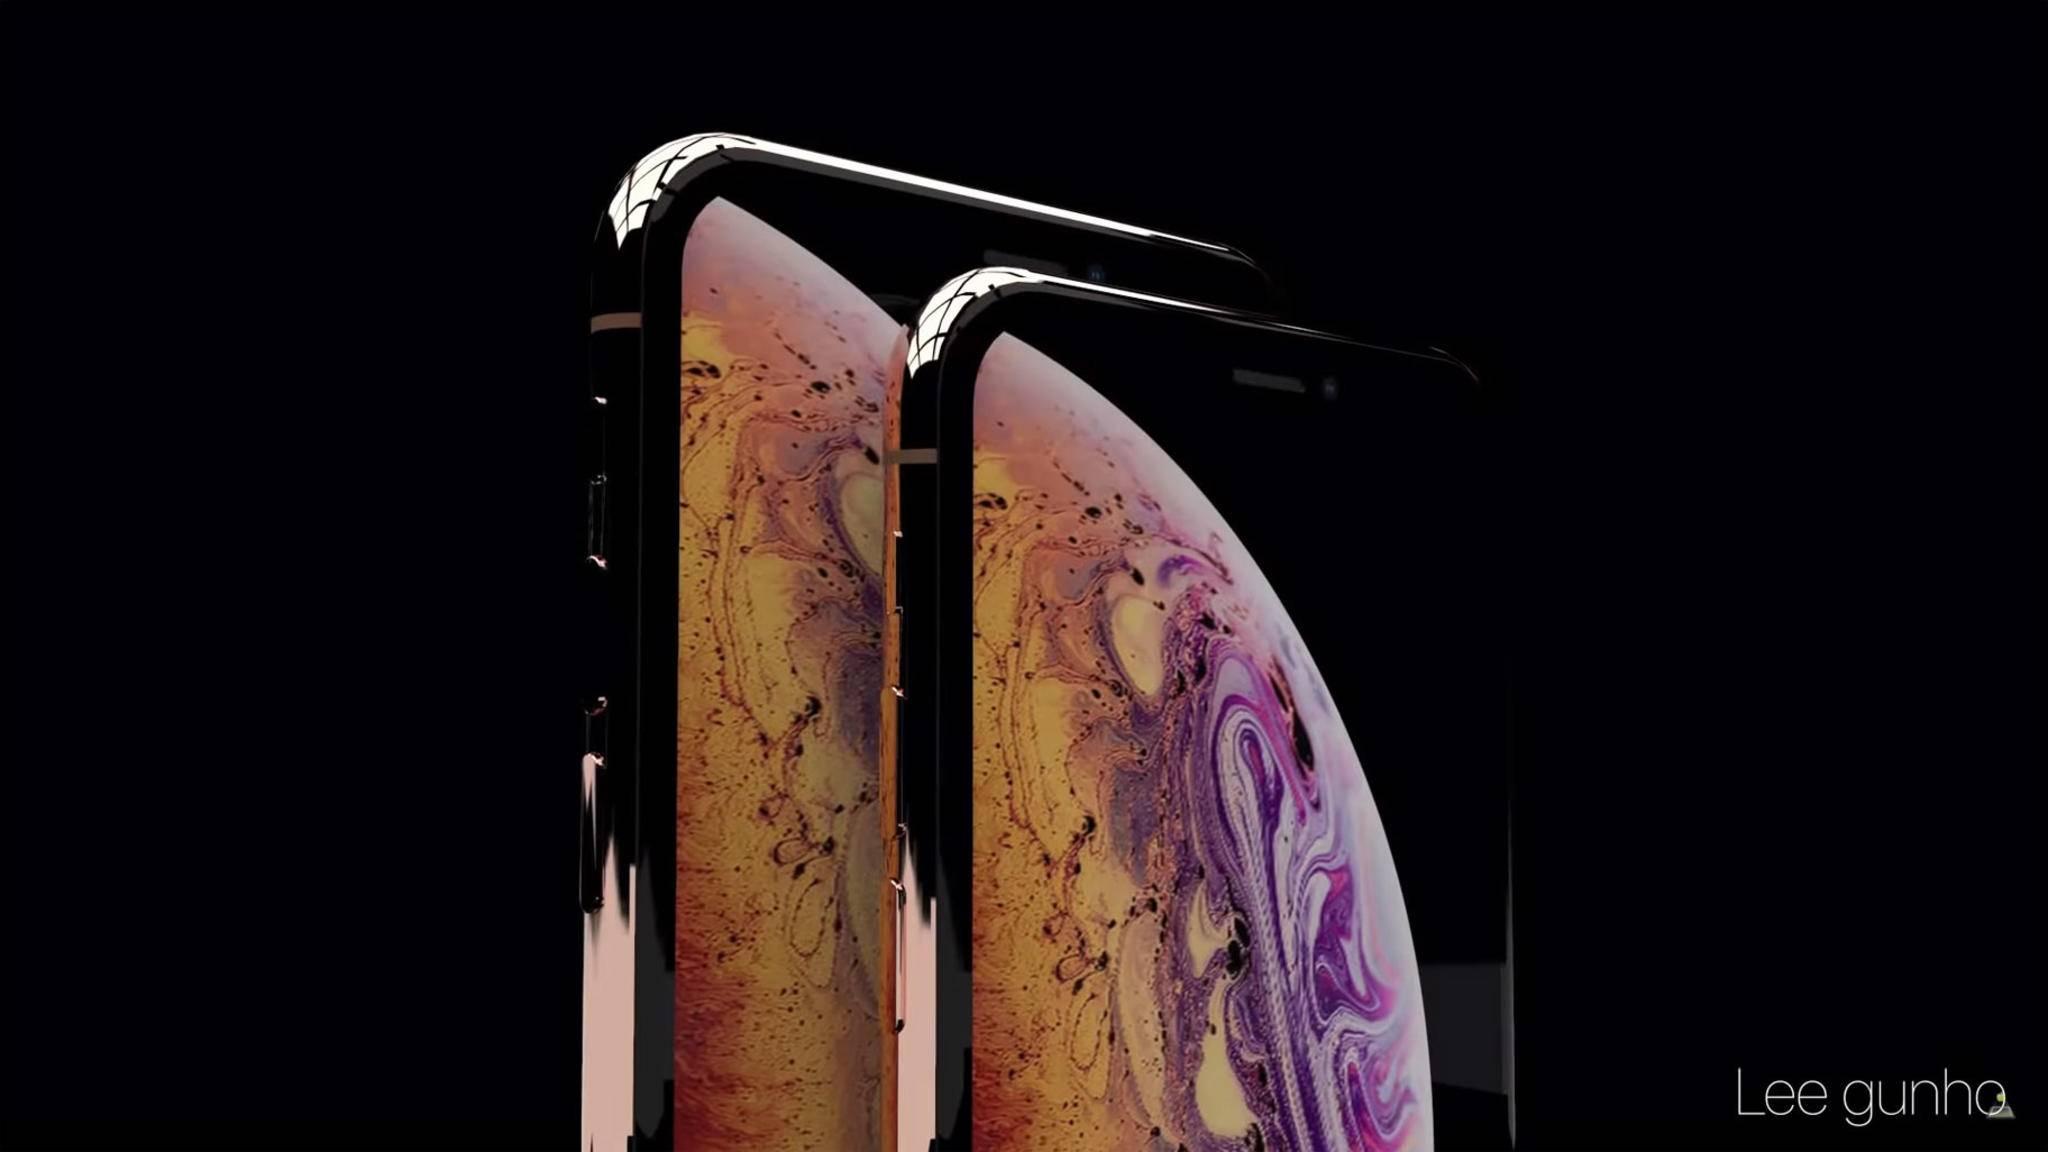 Der Plus-Zusatz hat offenbar ausgedient: Die große Variante soll iPhone Xs Max heißen.